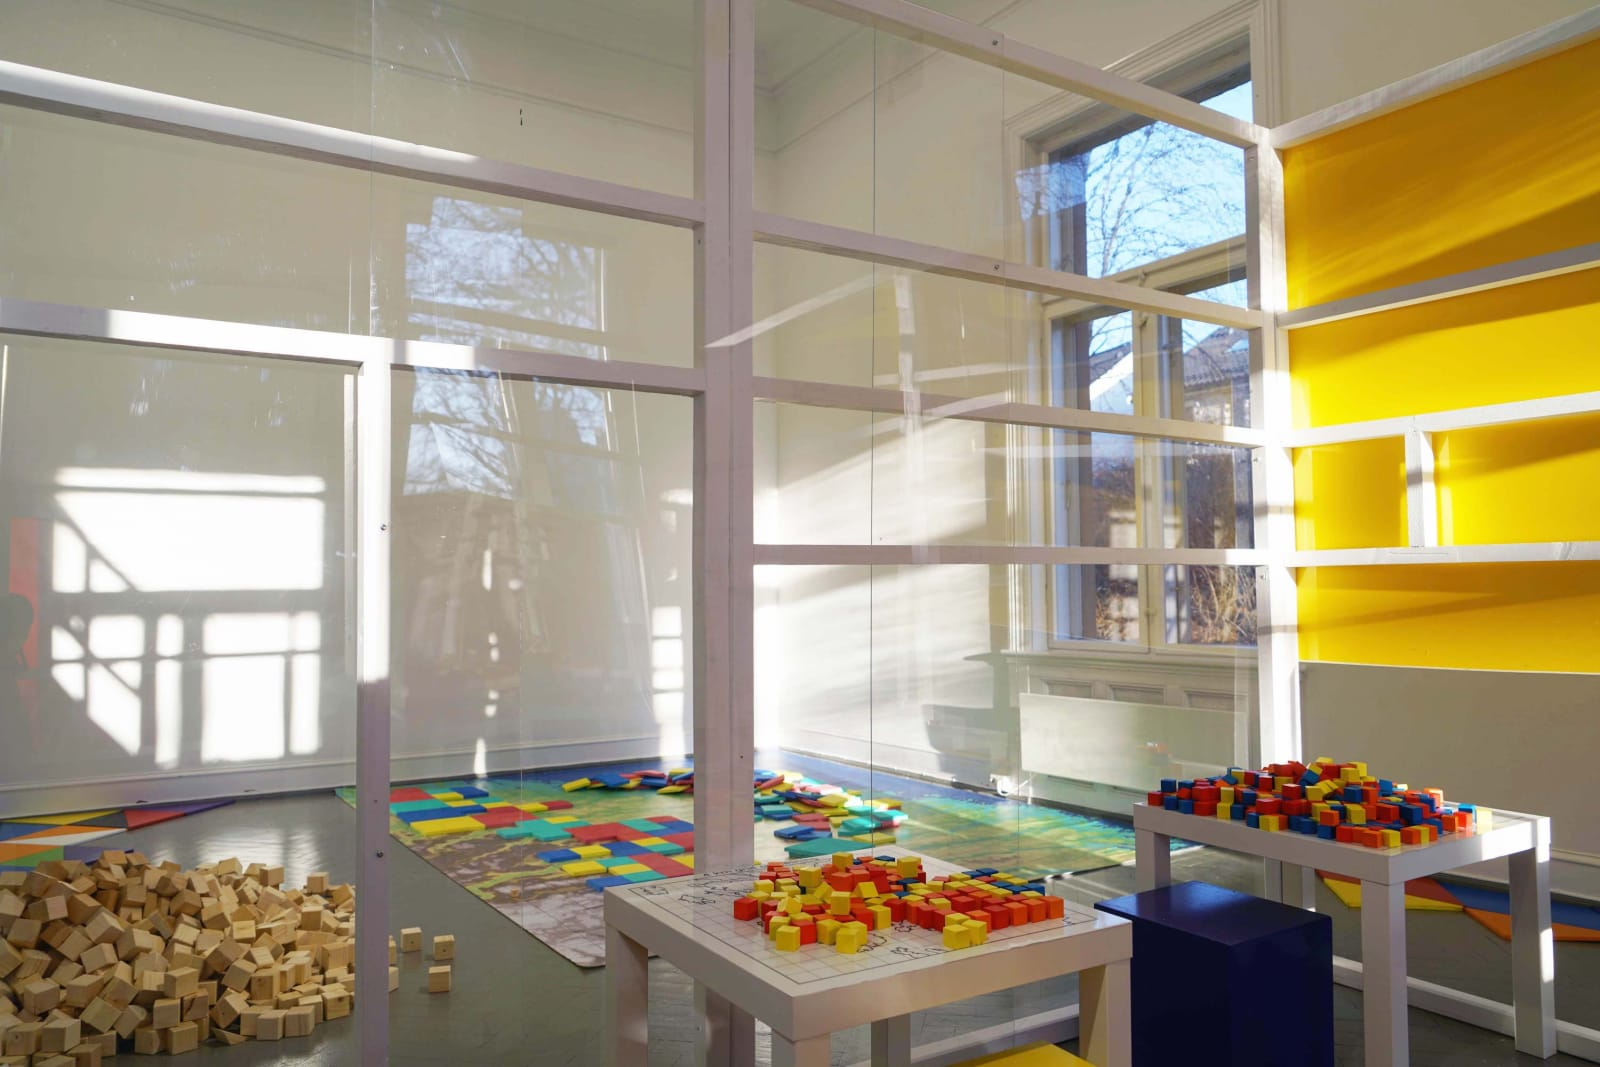 Montessori Glass Classroom, Norwegian Sculptors Society, Oslo, 2020